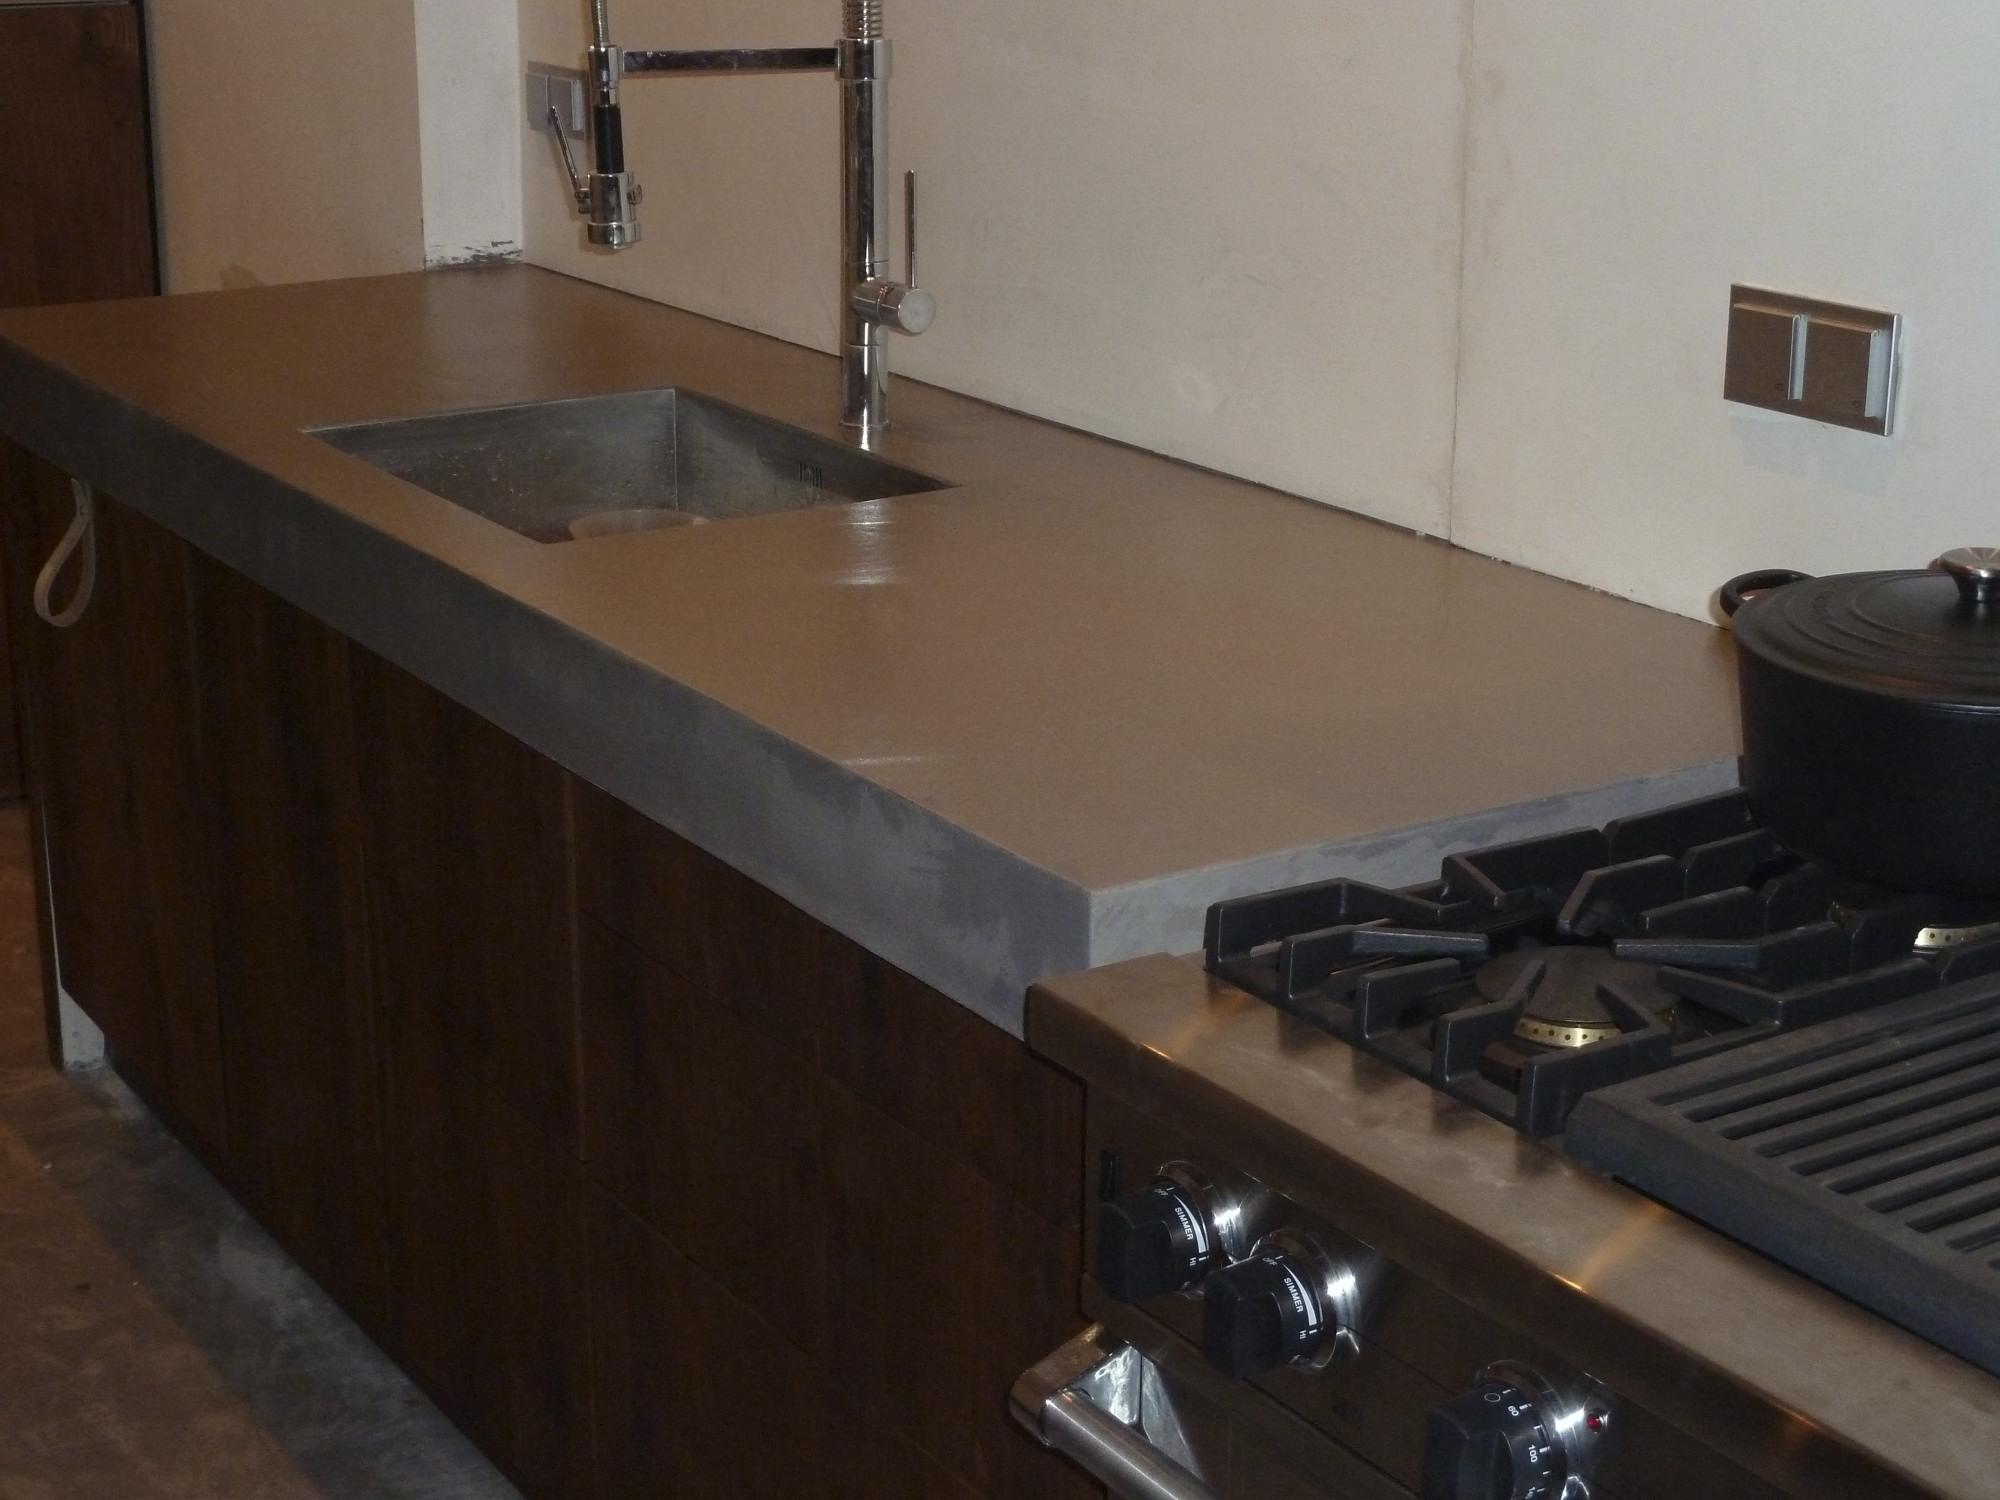 Werkblad Keuken Verven : Aanrechtblad betonlook verven